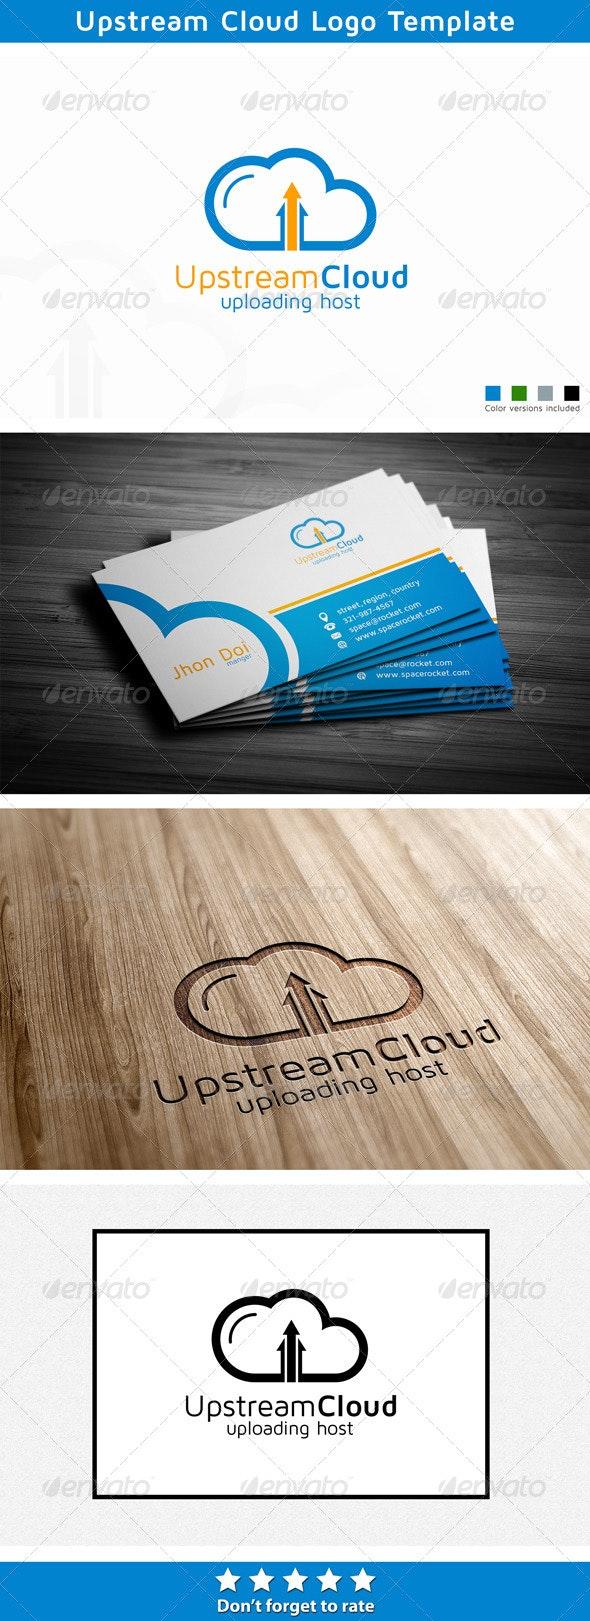 Upstream Cloud - Symbols Logo Templates